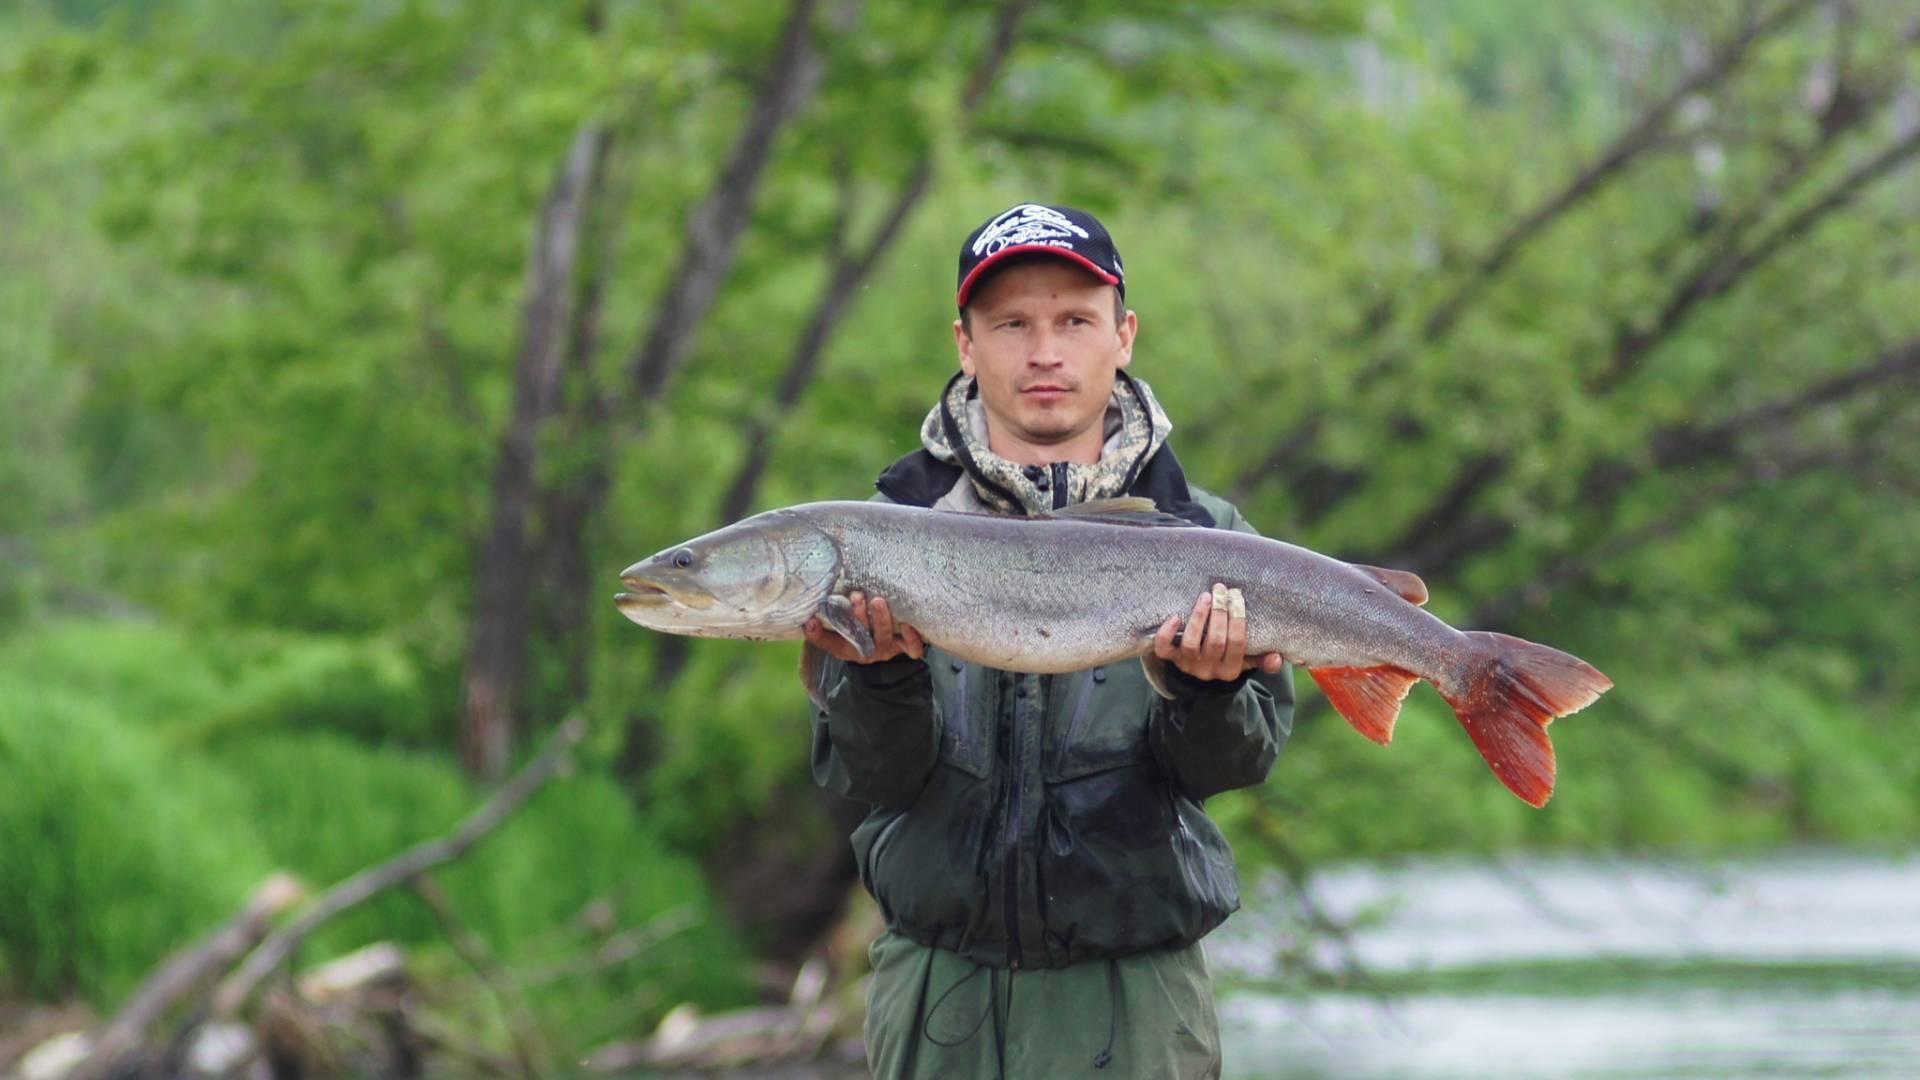 Таймень (рыба): где водится, как готовить, полезные свойства